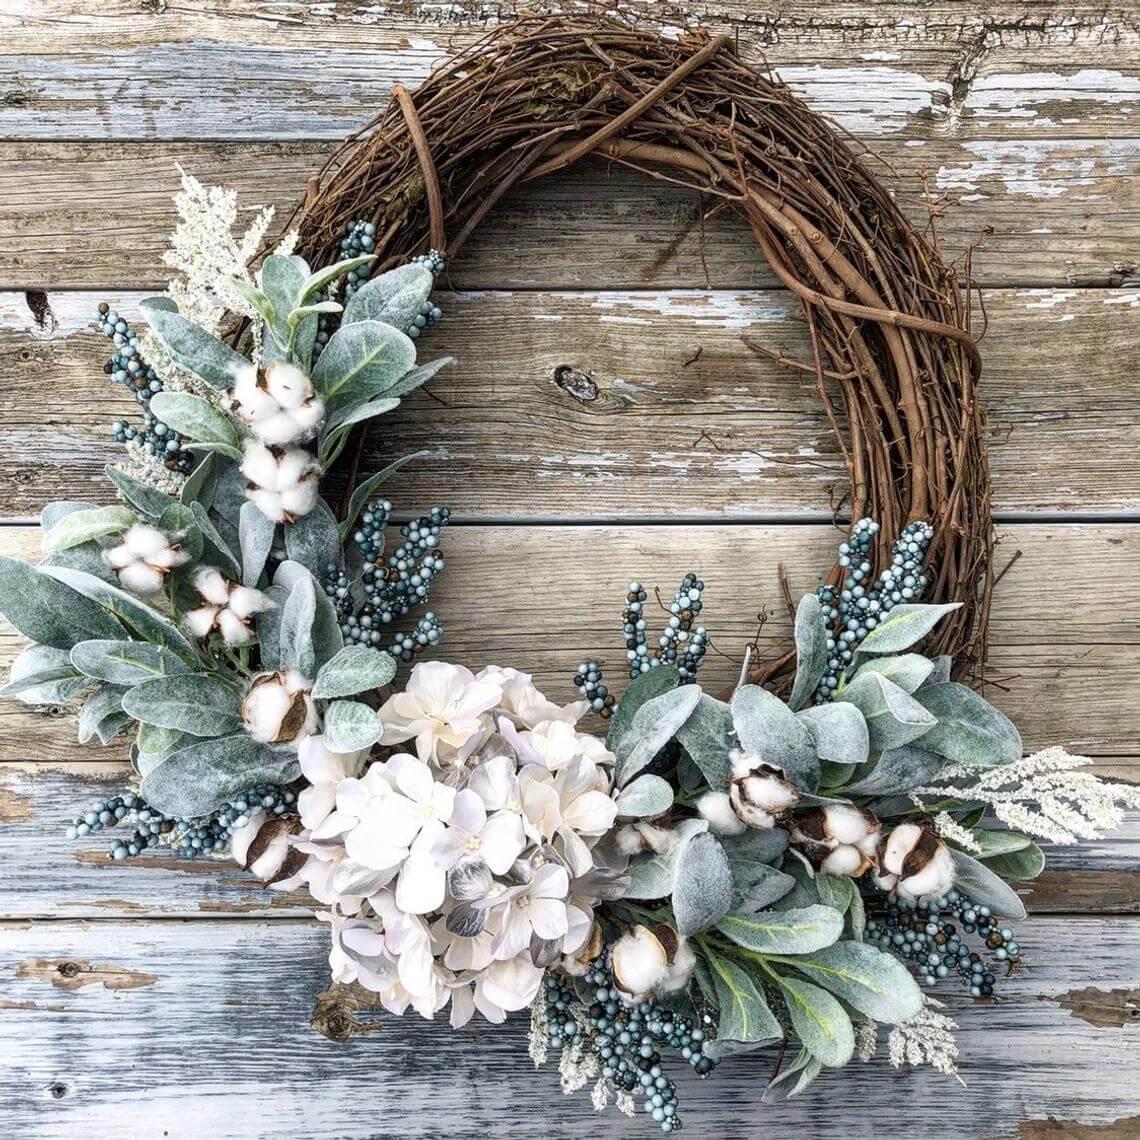 Beautiful Seafoam and Turquoise Grapevine Wreath